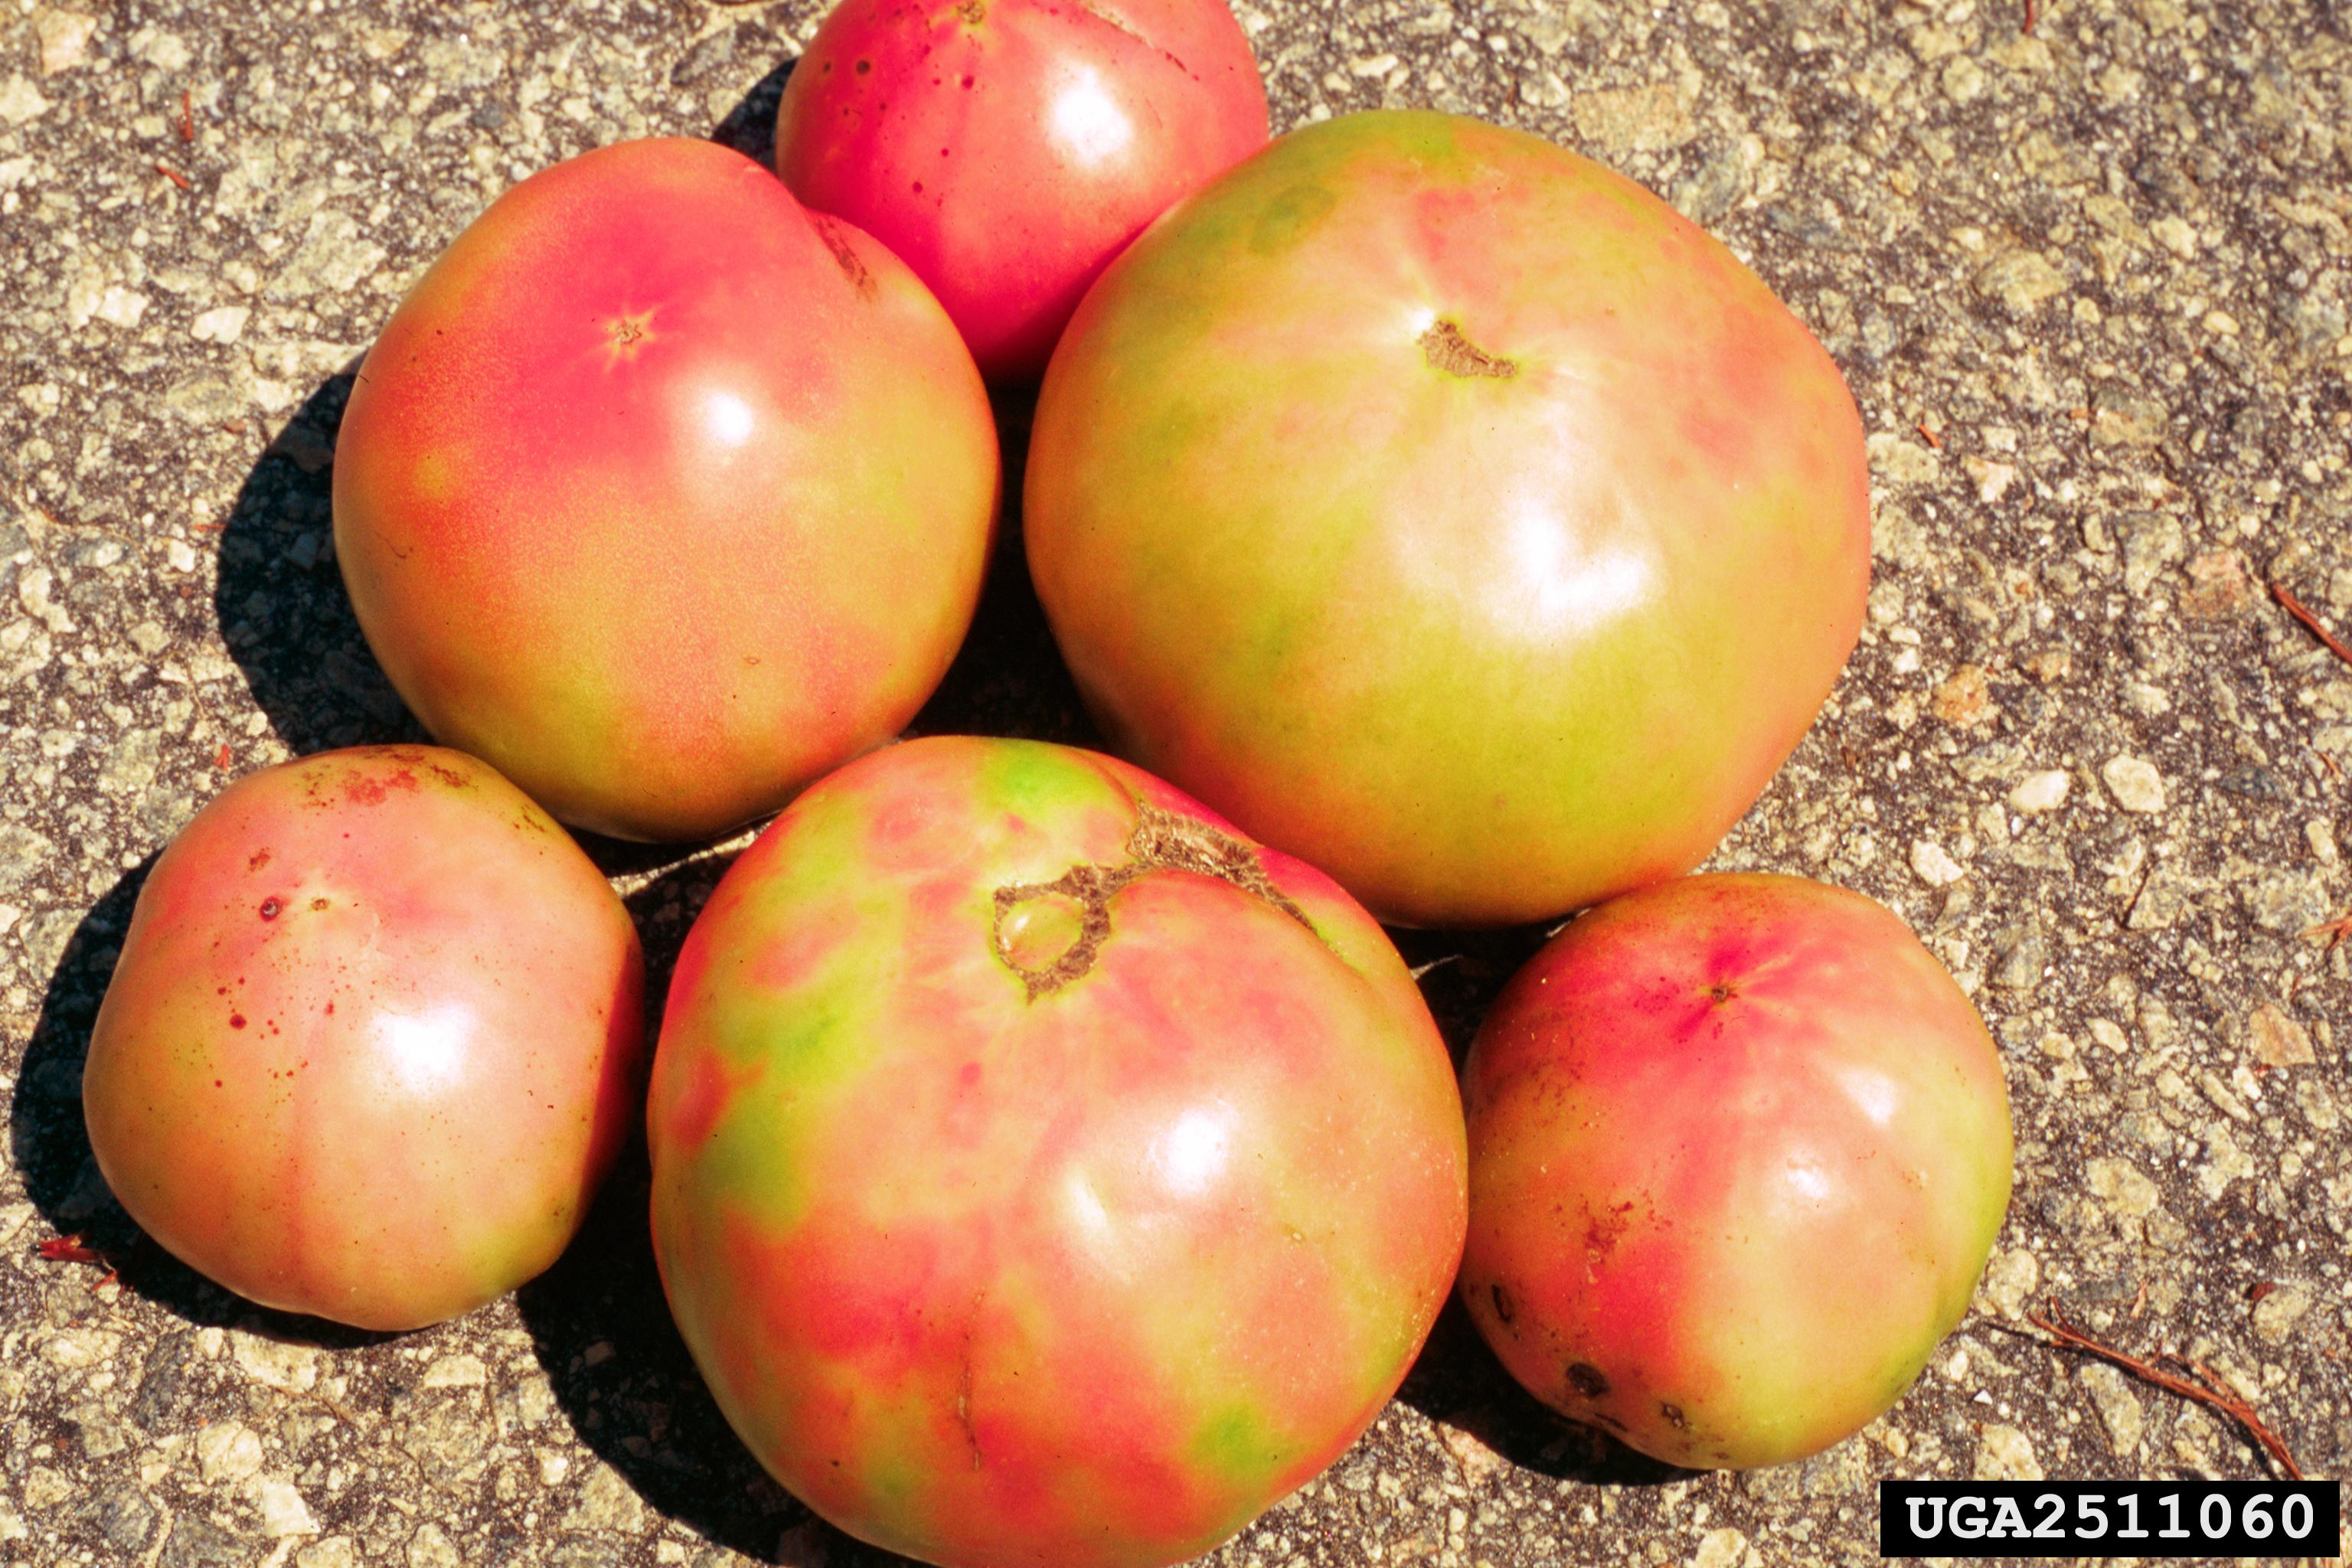 Damaged fruits